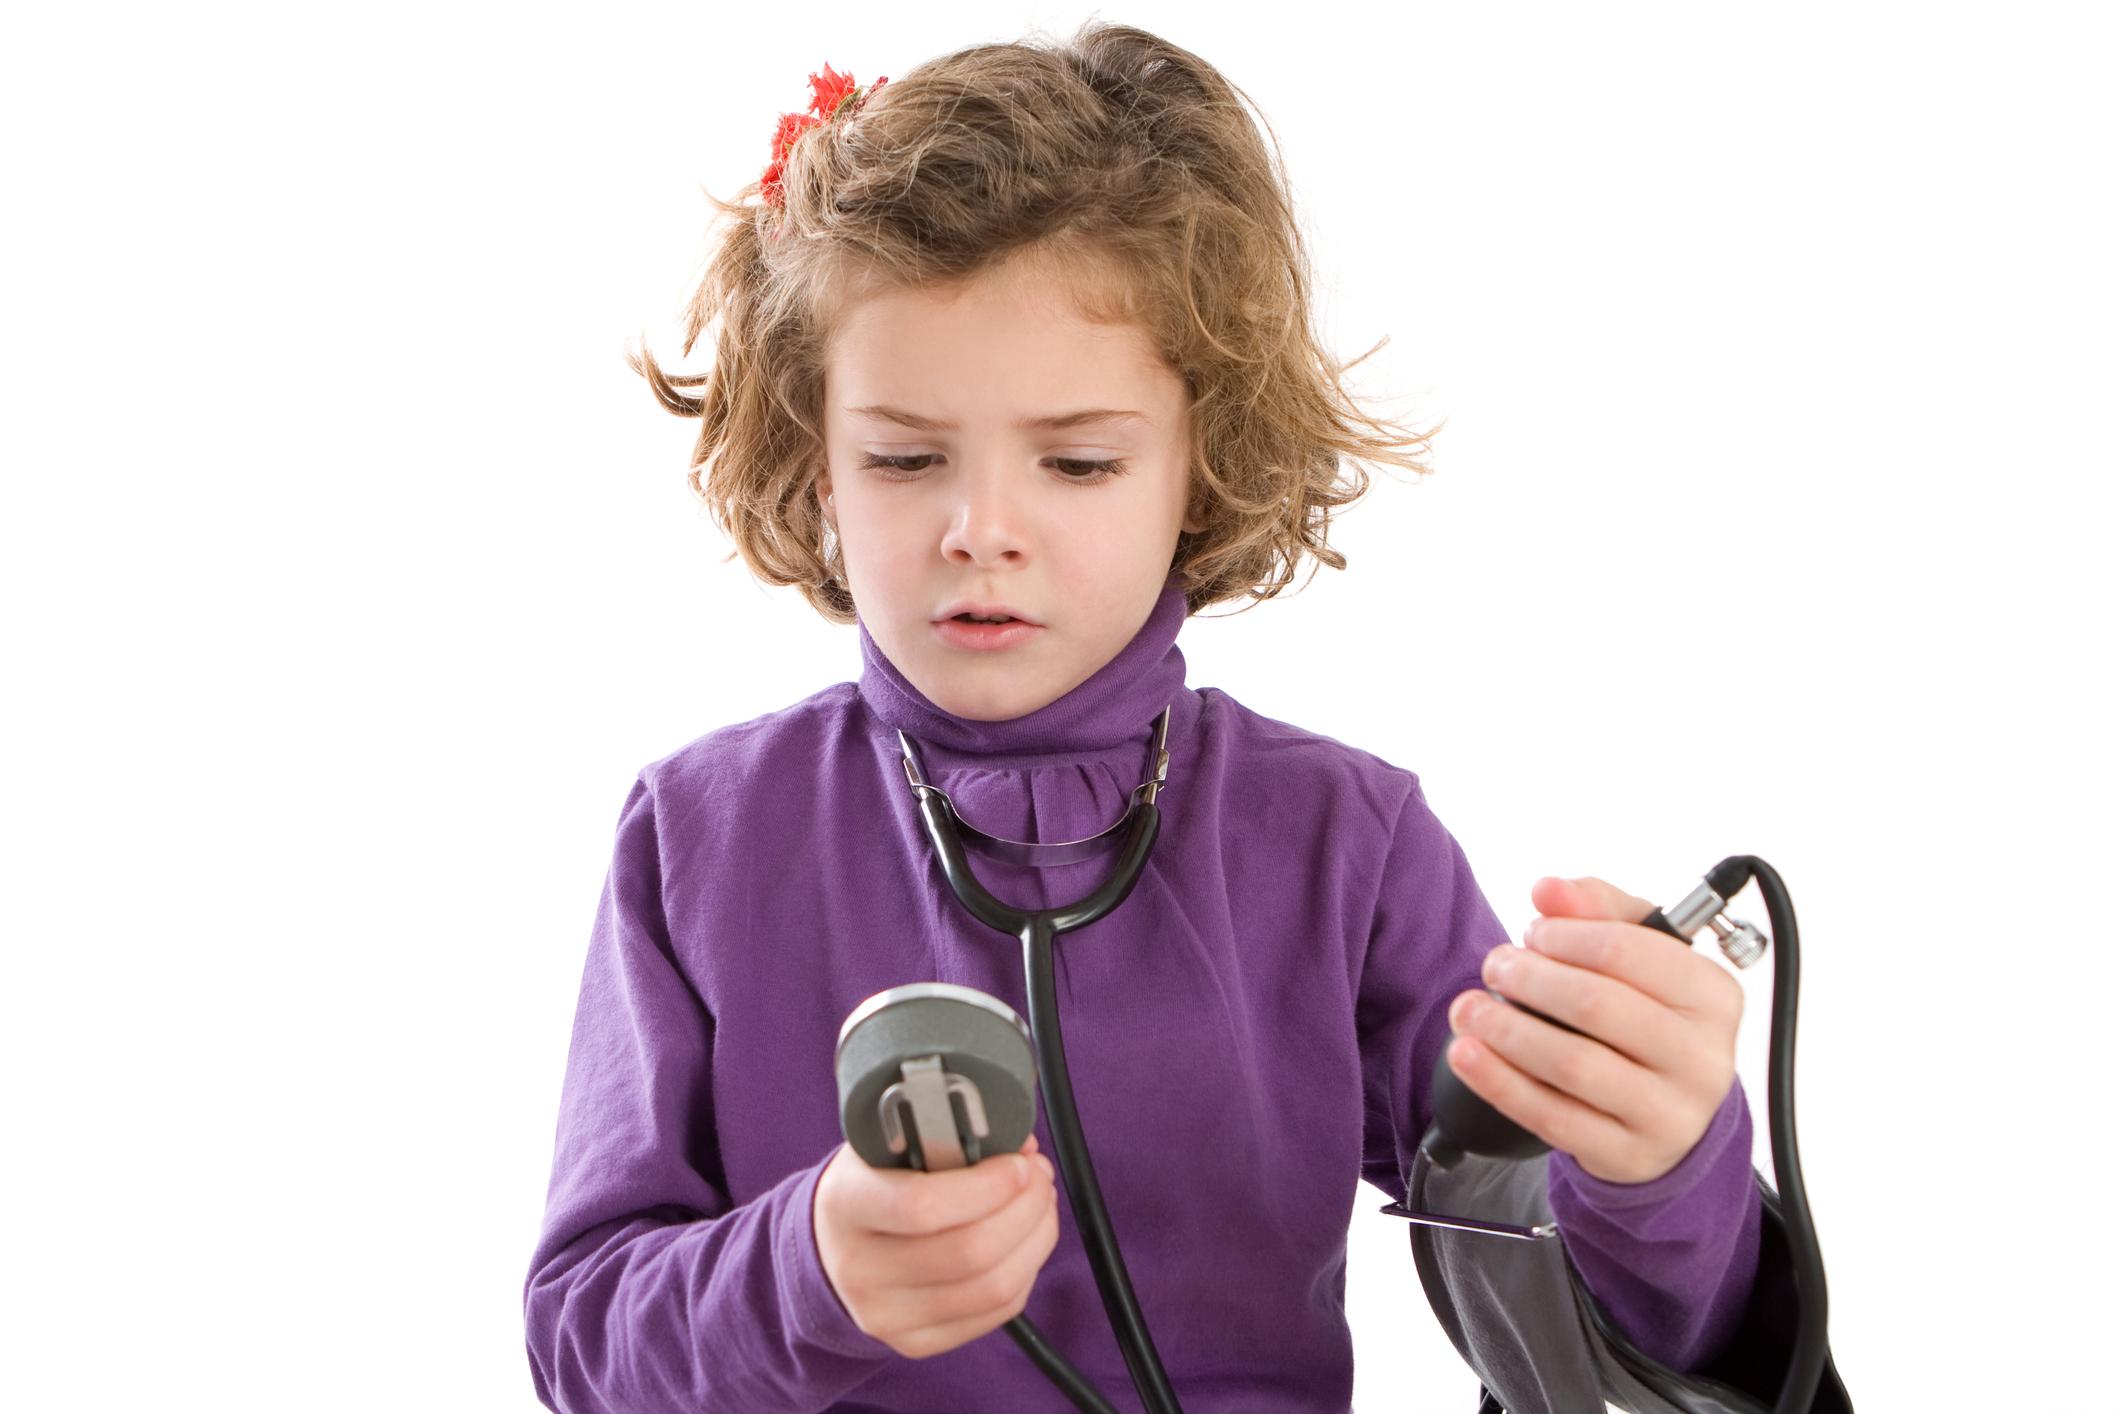 """Chamada de """"mal silencioso"""", a pressão alta – antes exclusividade entre adultos – pode fazer parte da rotina das crianças. Observada cada vez mais precocemente, sua incidência varia de 2% a 13% entre crianças e adolescentes. A explicação, na maior parte das vezes, está no estilo de vida contemporâneo que reúne maus hábitos alimentares e sedentarismo. Isso acaba resultando em obesidade e problemas associados, entre eles, a hipertensão arterial. A cardiologista infantil, Tatiana Jardim, explica que """"nos últimos anos, a pressão alta chama a atenção entre as crianças, principalmente em idade escolar. Isso se deve por conta do estilo de vida inadequado, com muita gordura e sal na alimentação e pouca ou nenhuma atividade física"""". O monitoramento da pressão arterial colabora para a detecção precoce de doenças relacionadas à hipertensão. A agenda atribulada também é apontada pelos especialistas como um dos motivos do aumento do distúrbio. """"Já percebemos casos de pressão alta por fatores psicológicos como ansiedade e estresse. Algo bastante comum entre crianças com atividades extracurriculares em demasia e jovens que vão prestar vestibular"""", avalia a cardiologista. A medida correta De acordo com Tatiana, o ideal é que o pediatra comece a medir a pressão arterial nas consultas de rotina, a partir dos 3 anos de idade. Mas o diagnóstico requer cautela. Assim como os adultos, as crianças podem apresentar casos de pressão alta transitória. Por isso, é recomendado comparar duas ou três medições em situações e horários diferentes. Outro especialista, Gustavo Foronda, faz um alerta: """"se a mãe percebe que esse cuidado não faz parte da rotina do pediatra, tem de lhe pedir que faça a medição. Além de monitorar a pressão arterial do pequeno, o exame colabora para a detecção de doenças relacionadas à hipertensão"""", ressalta. Um detalhe importante é o aparelho de medição: um modelo especial, diferente do utilizado nos adultos. O equipamento precisa ter ajustes adequados para os braços e o """